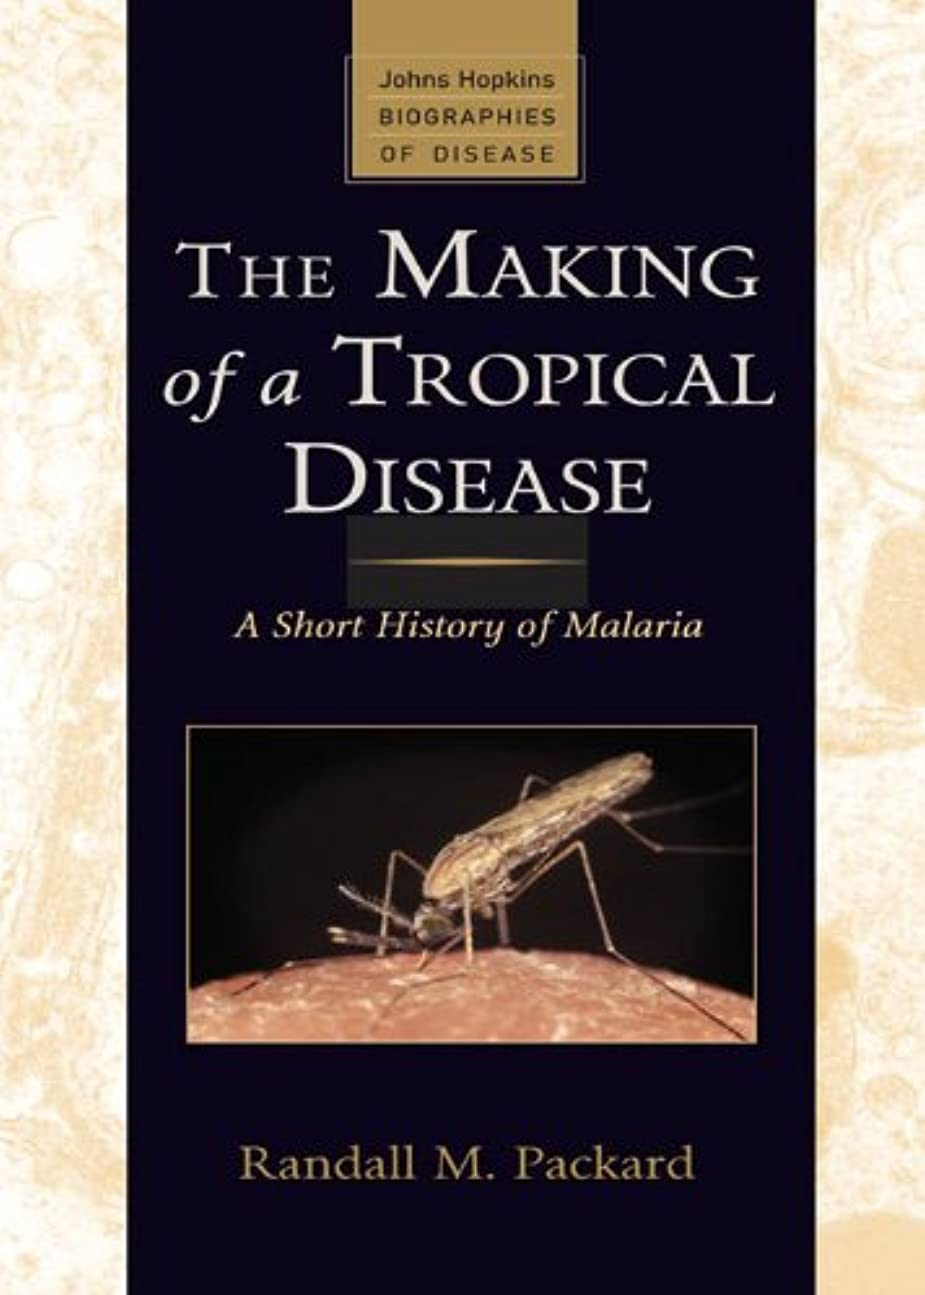 法廷ペナルティ取るに足らないThe Making of a Tropical Disease: A Short History of Malaria (Johns Hopkins Biographies of Disease) (English Edition)